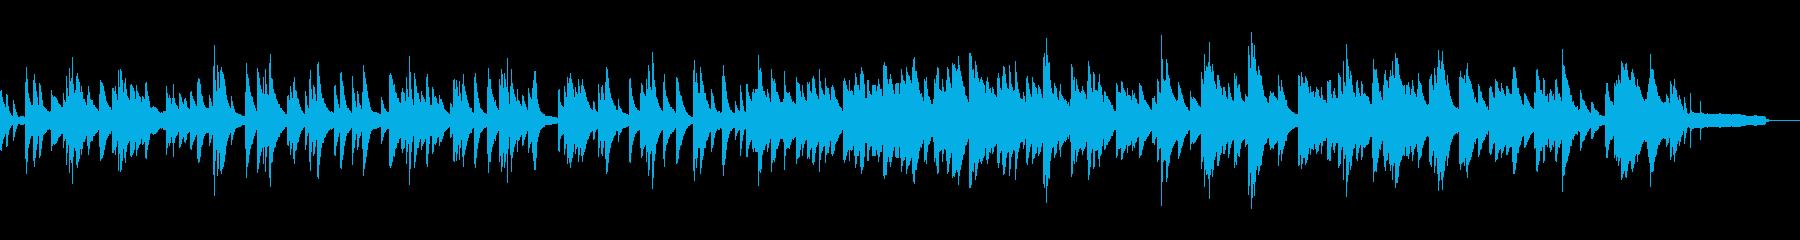 映像・ナレーション用ピアノ演奏(愛)の再生済みの波形